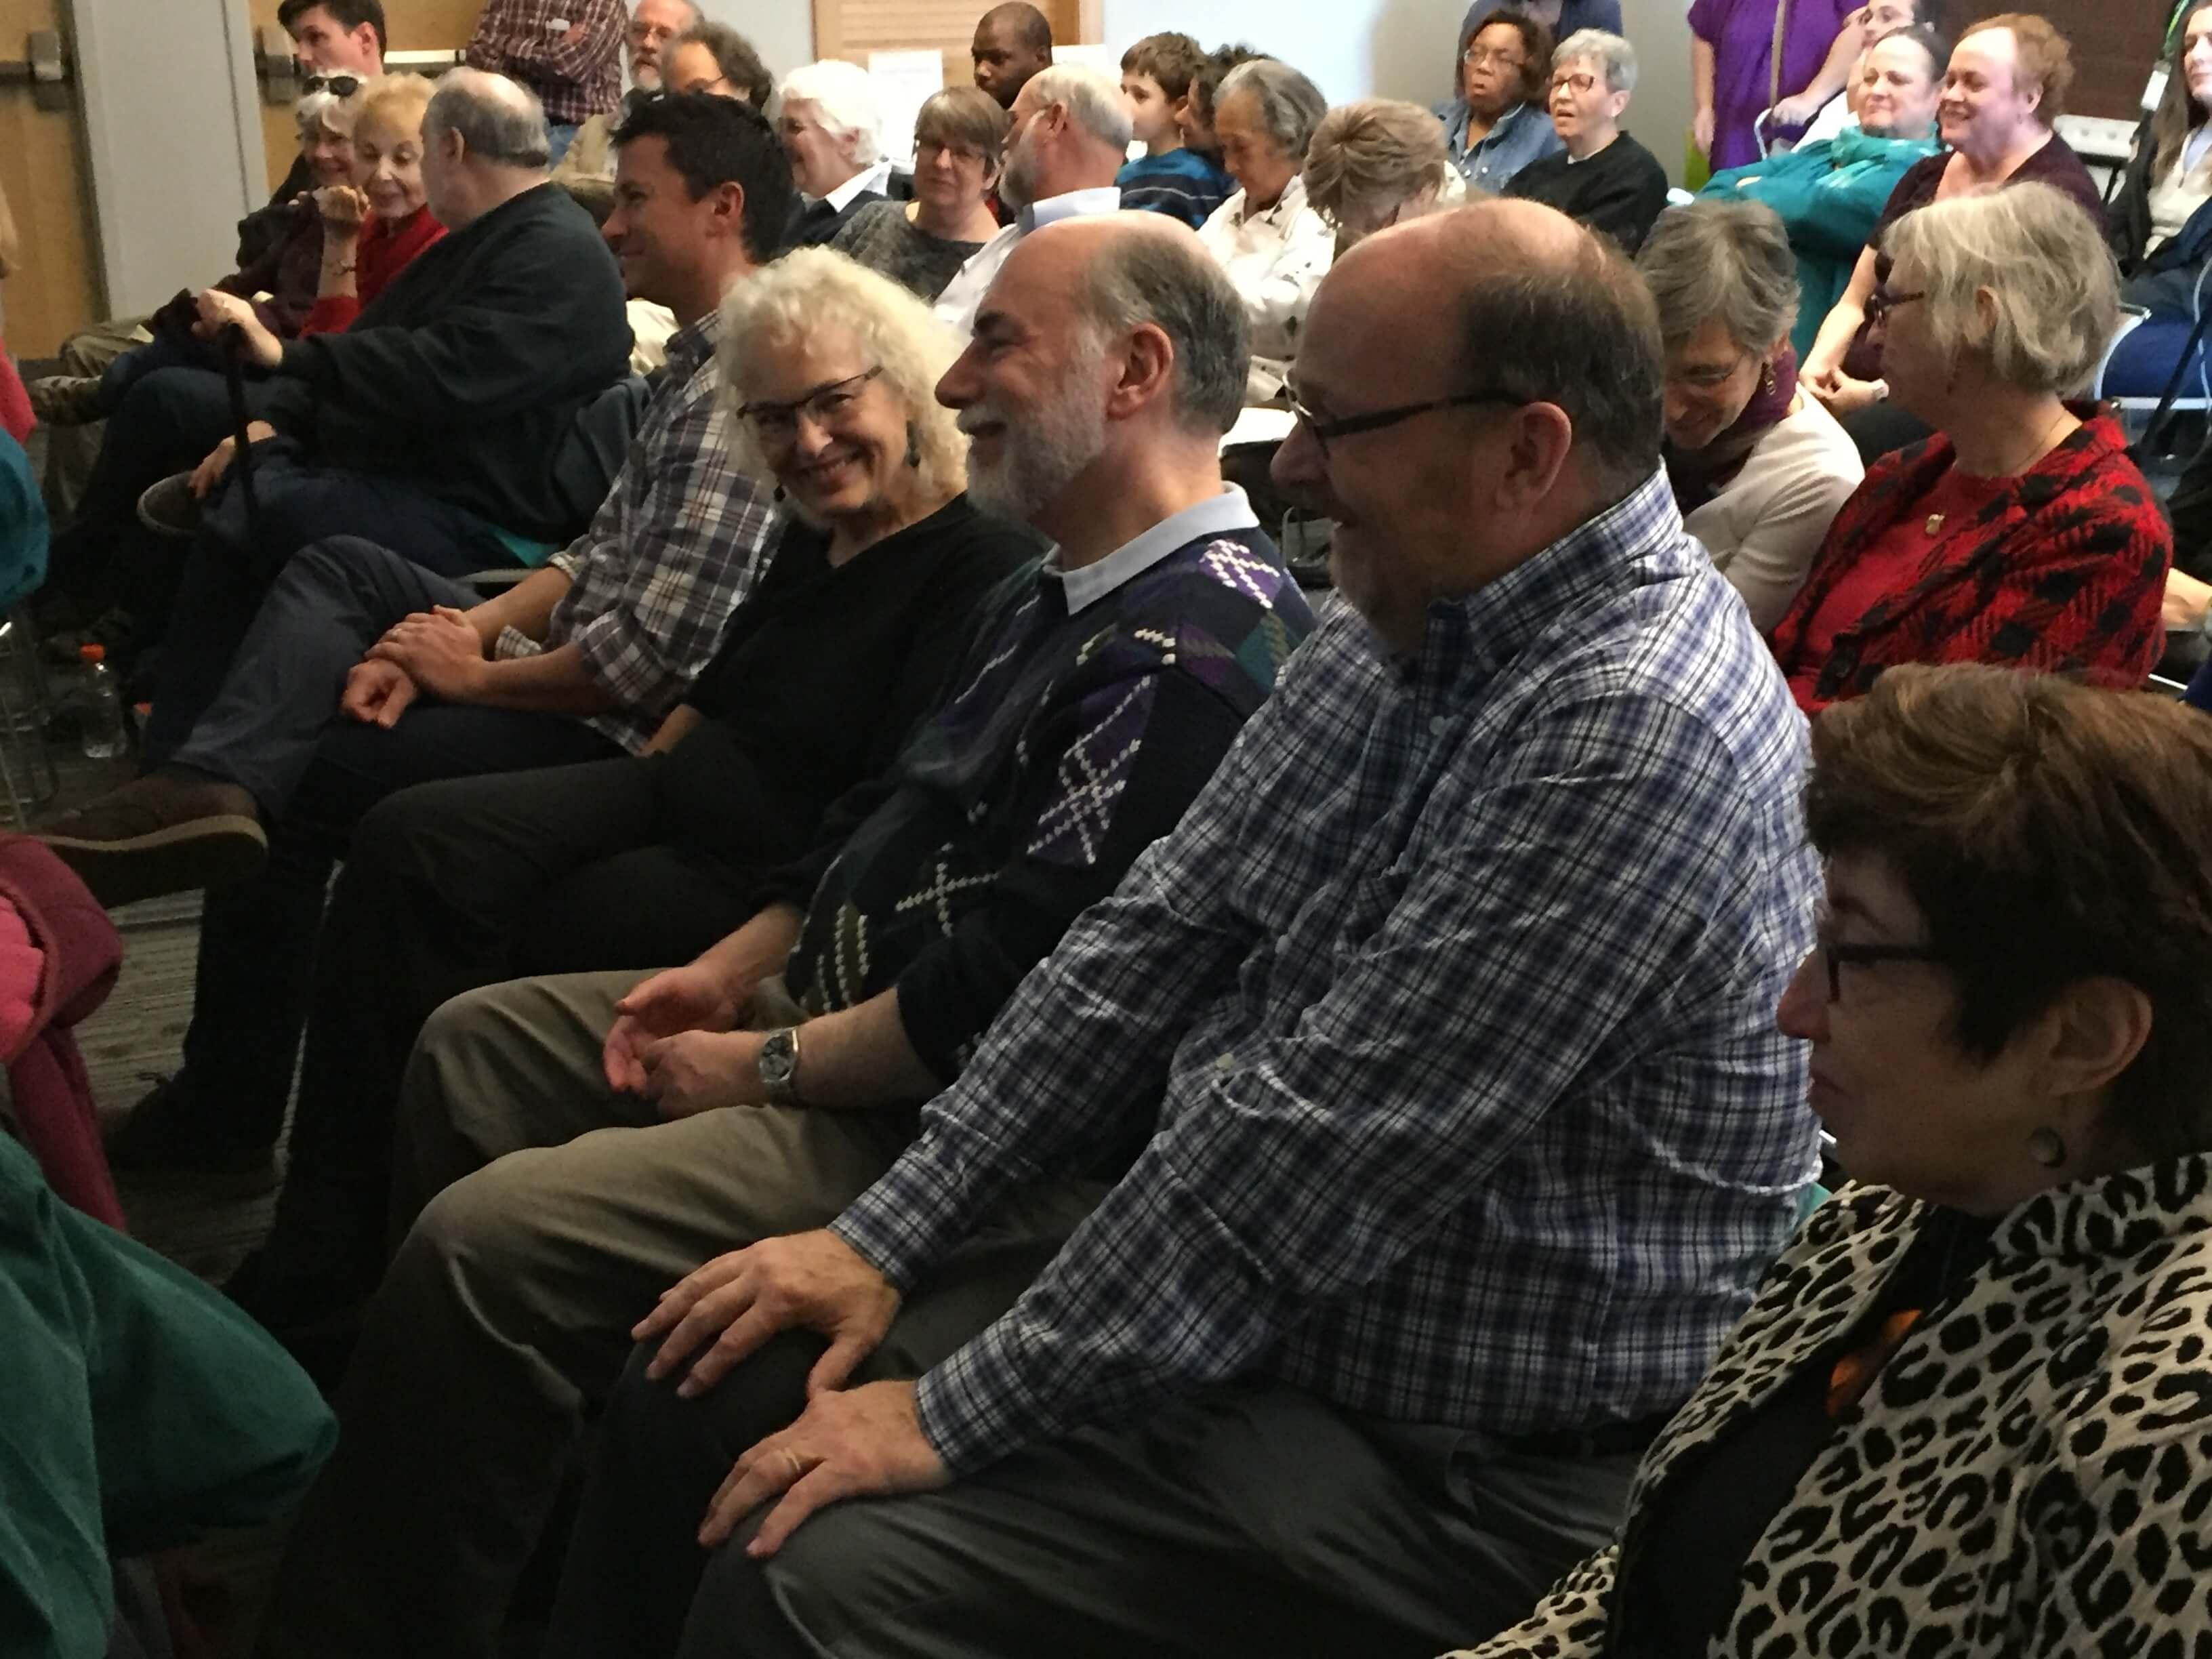 Grammartopia-Durham audience smiles